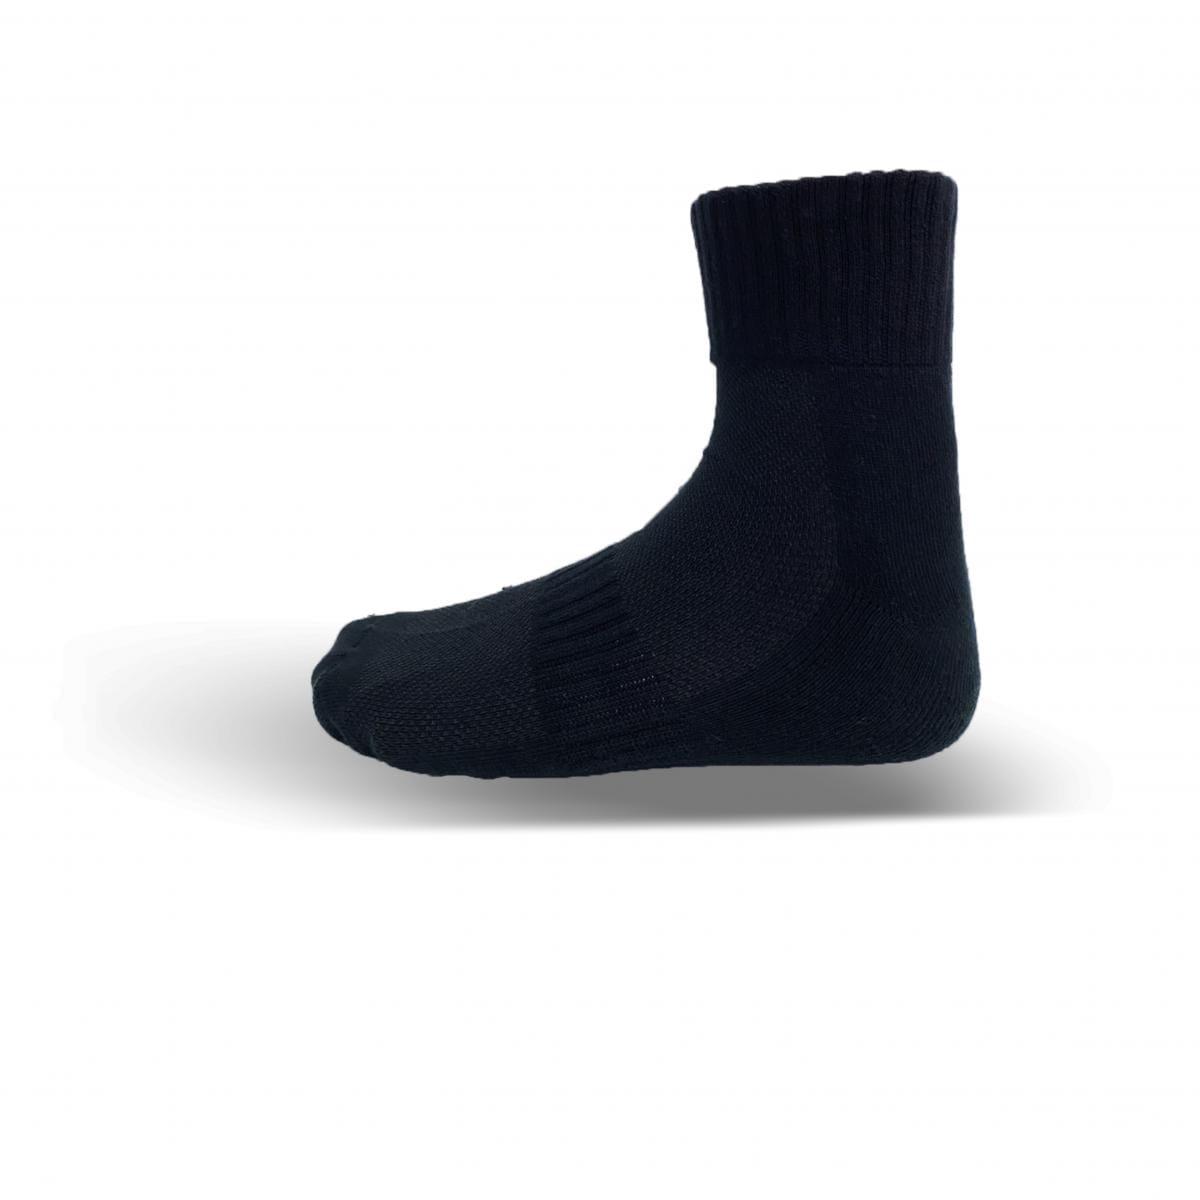 天然棉系列-毛巾厚底短襪(黑) 0